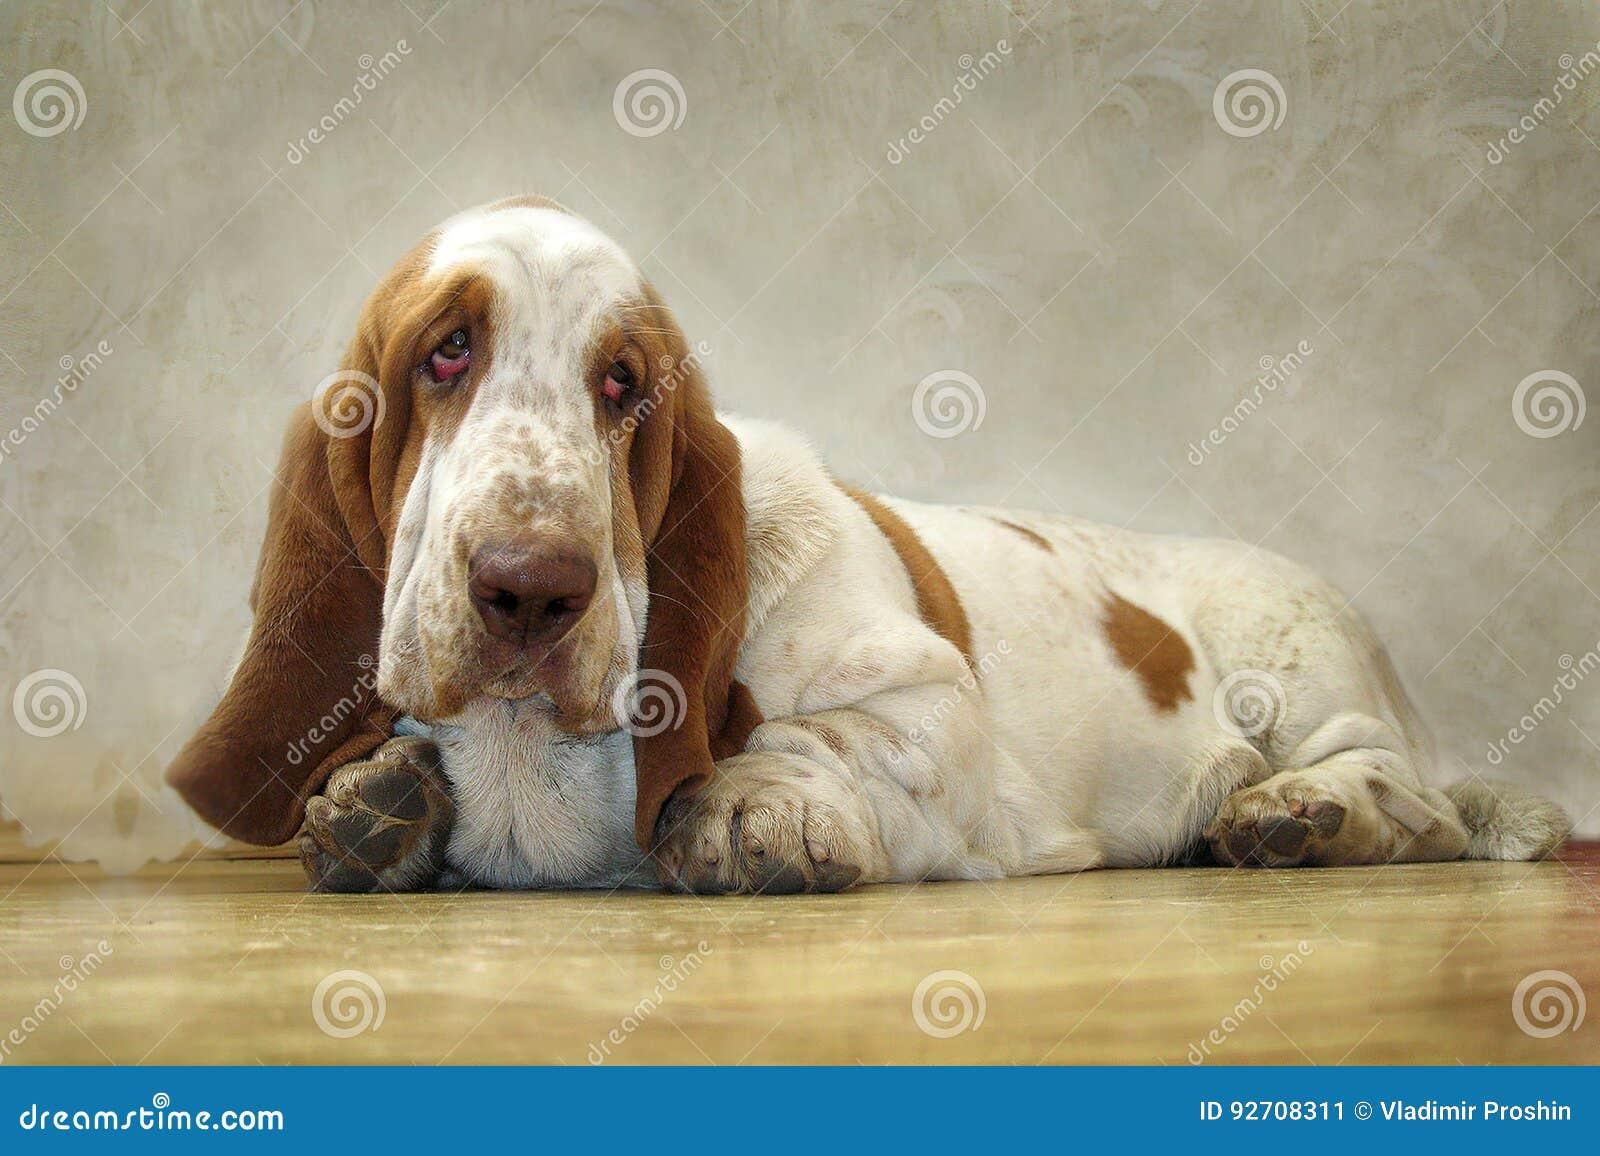 Le chien Basset Hound semble les yeux tristes